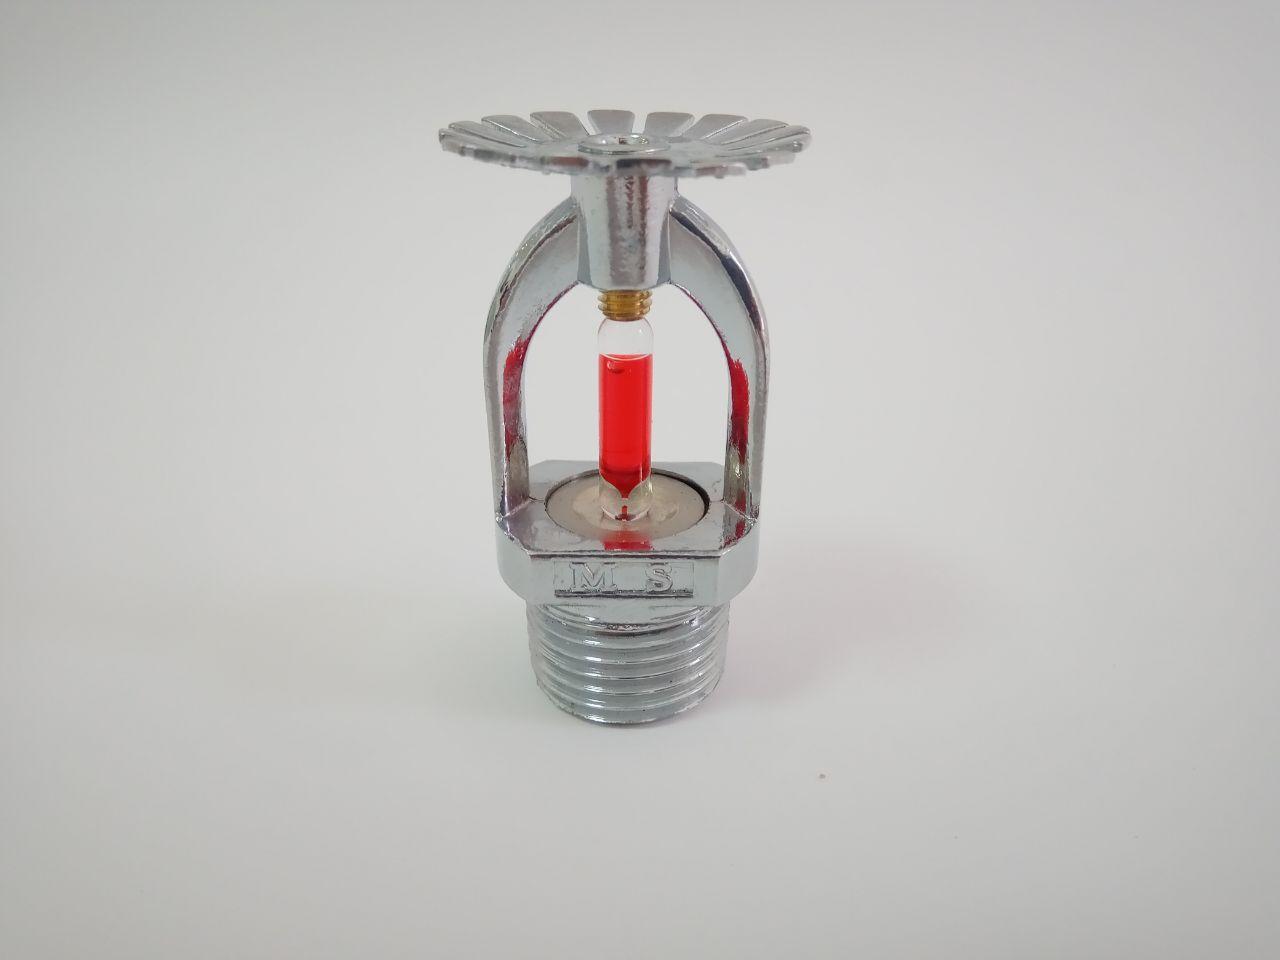 Спринклер пожаротушения подвесной T-ZSTX